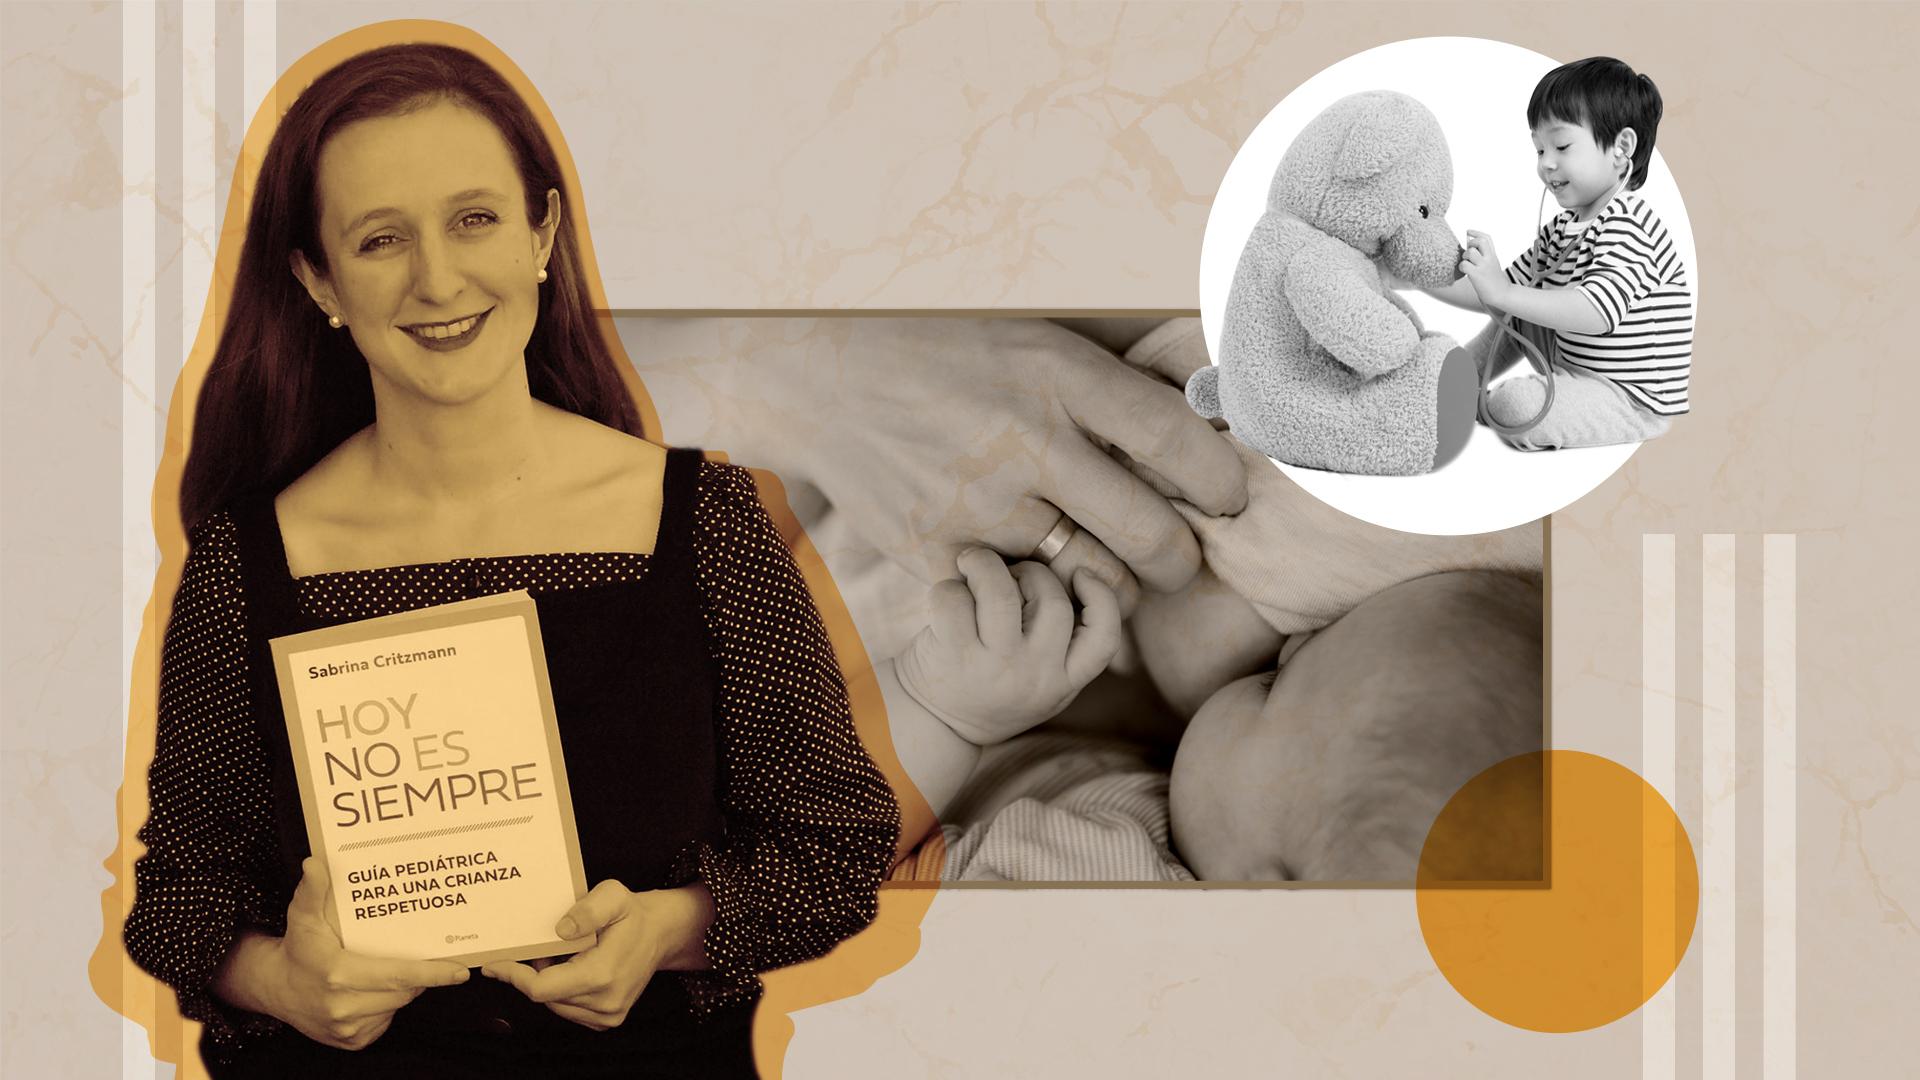 Sabrina Critzmann: la pediatra que renació y hoy sostiene a miles de personas del otro lado de la pantalla